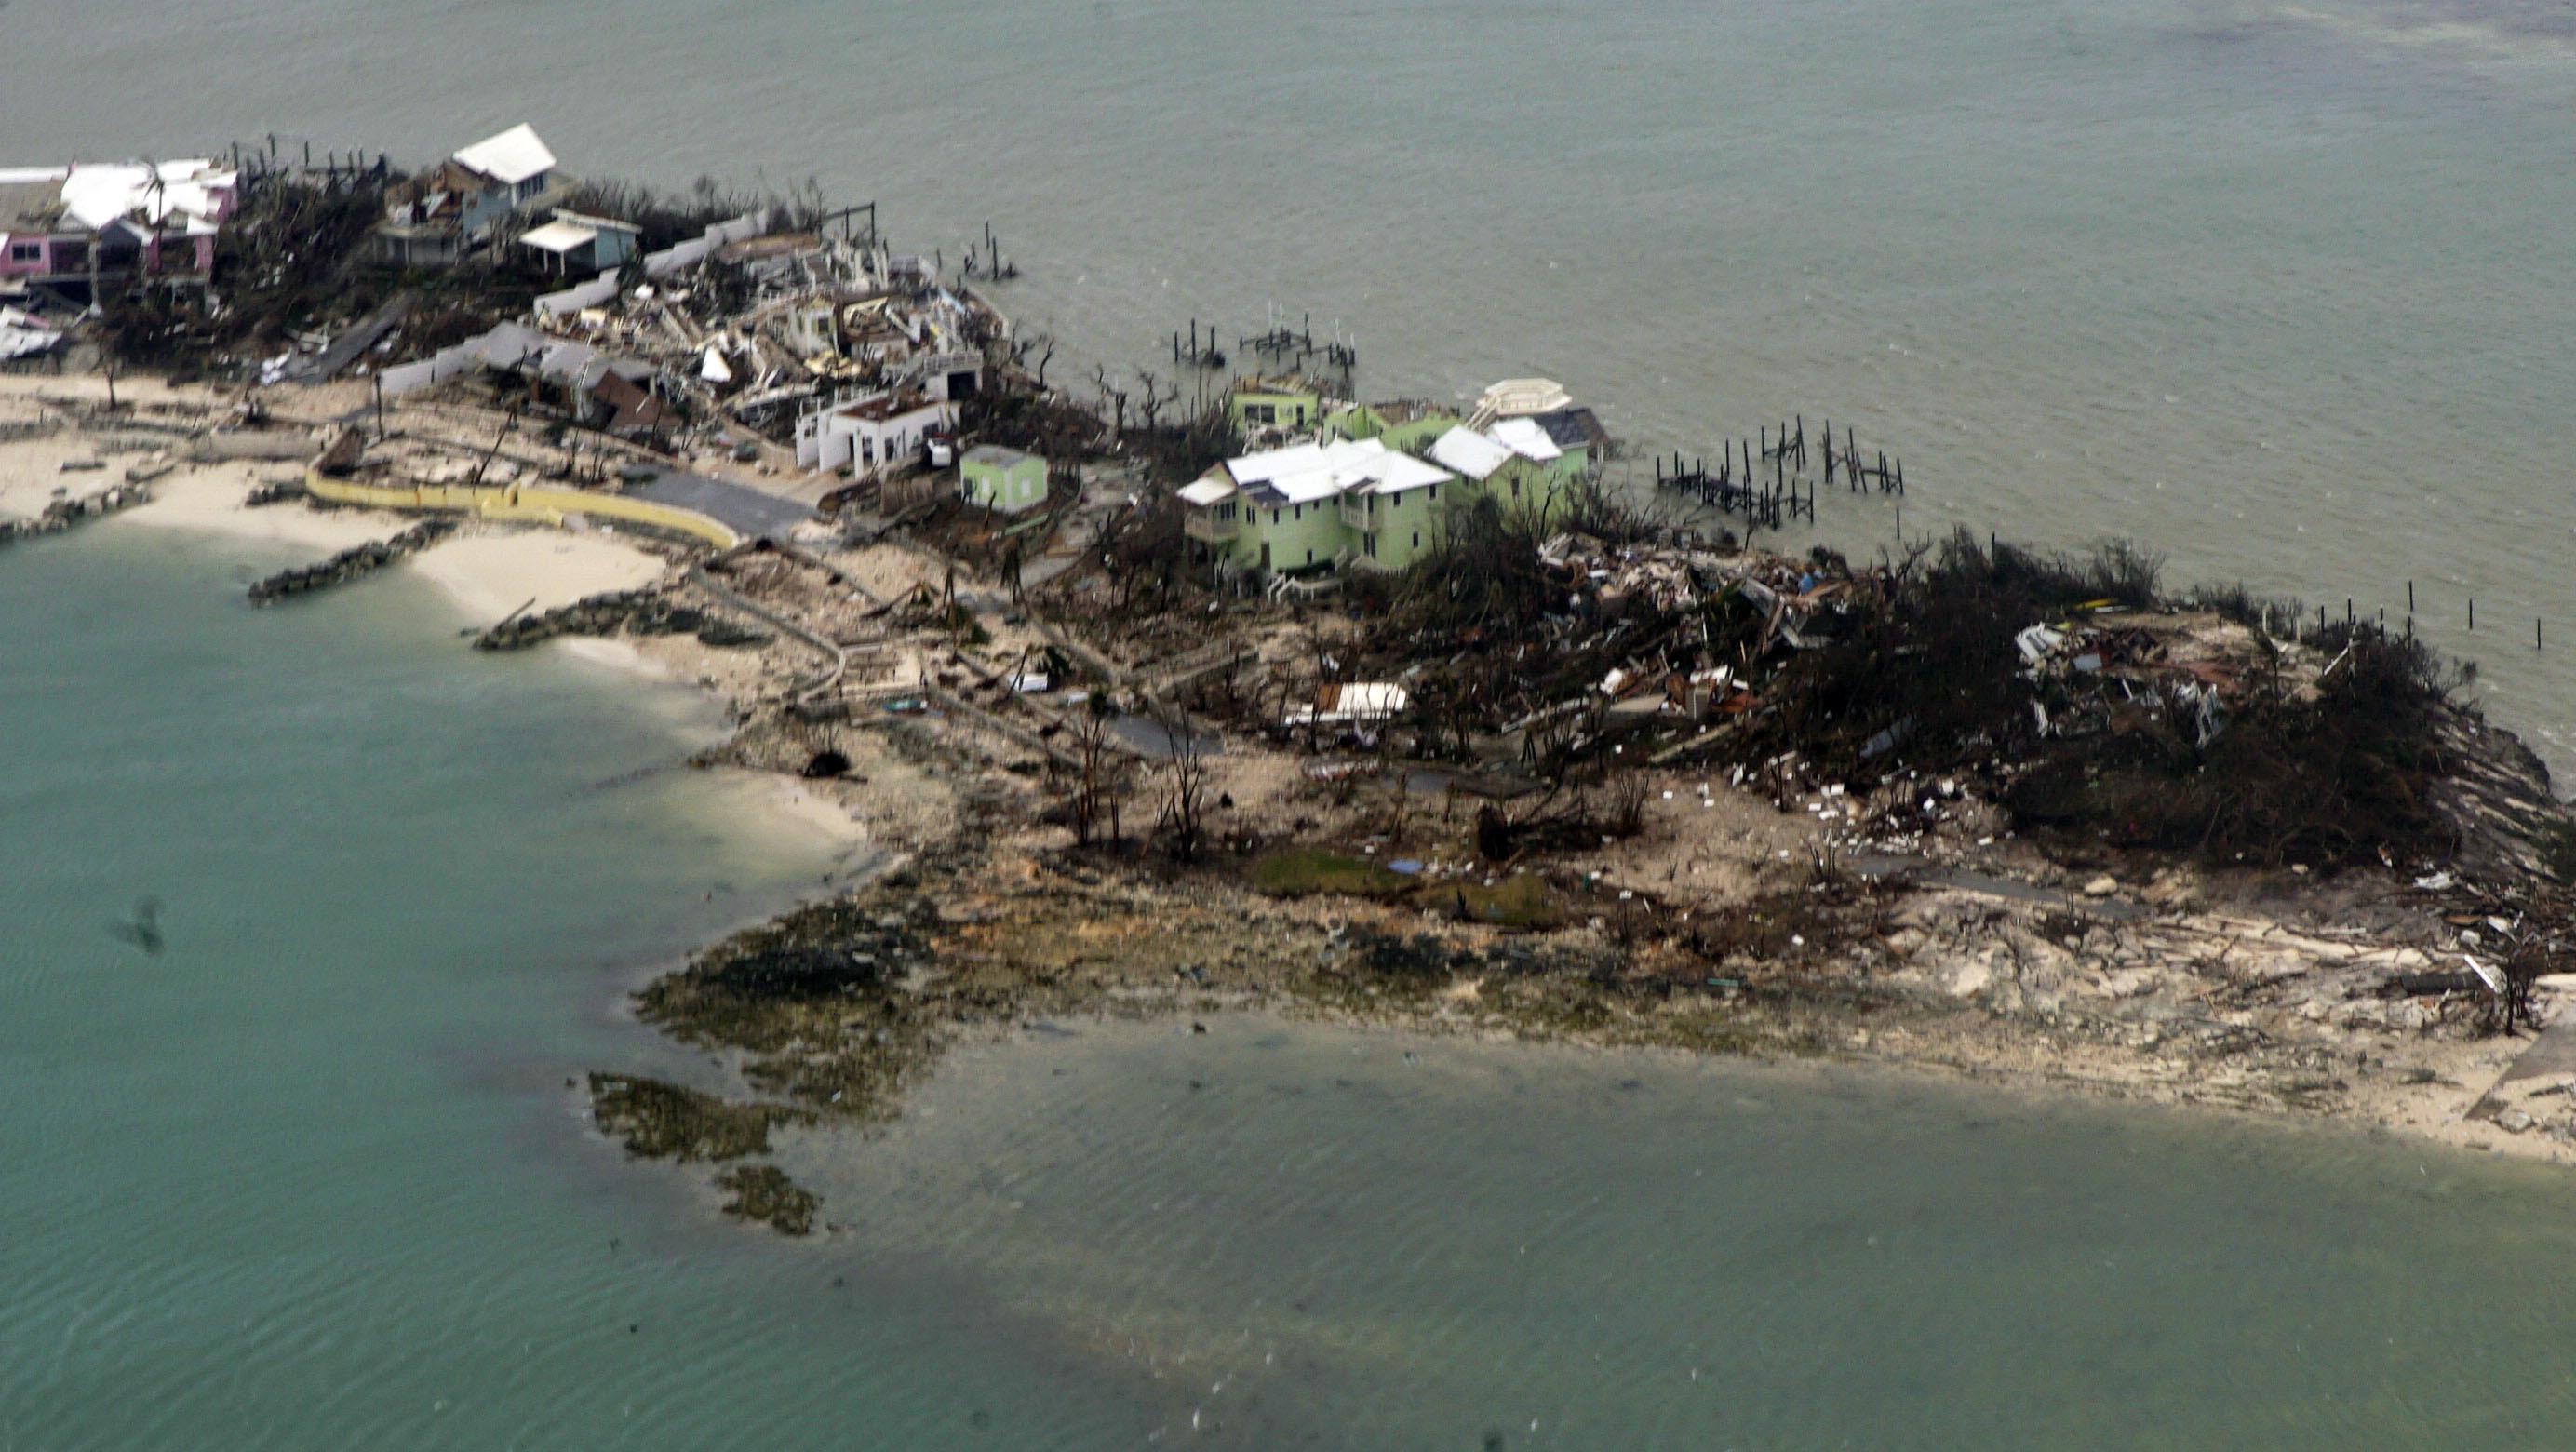 Bahamas devastated by Dorian